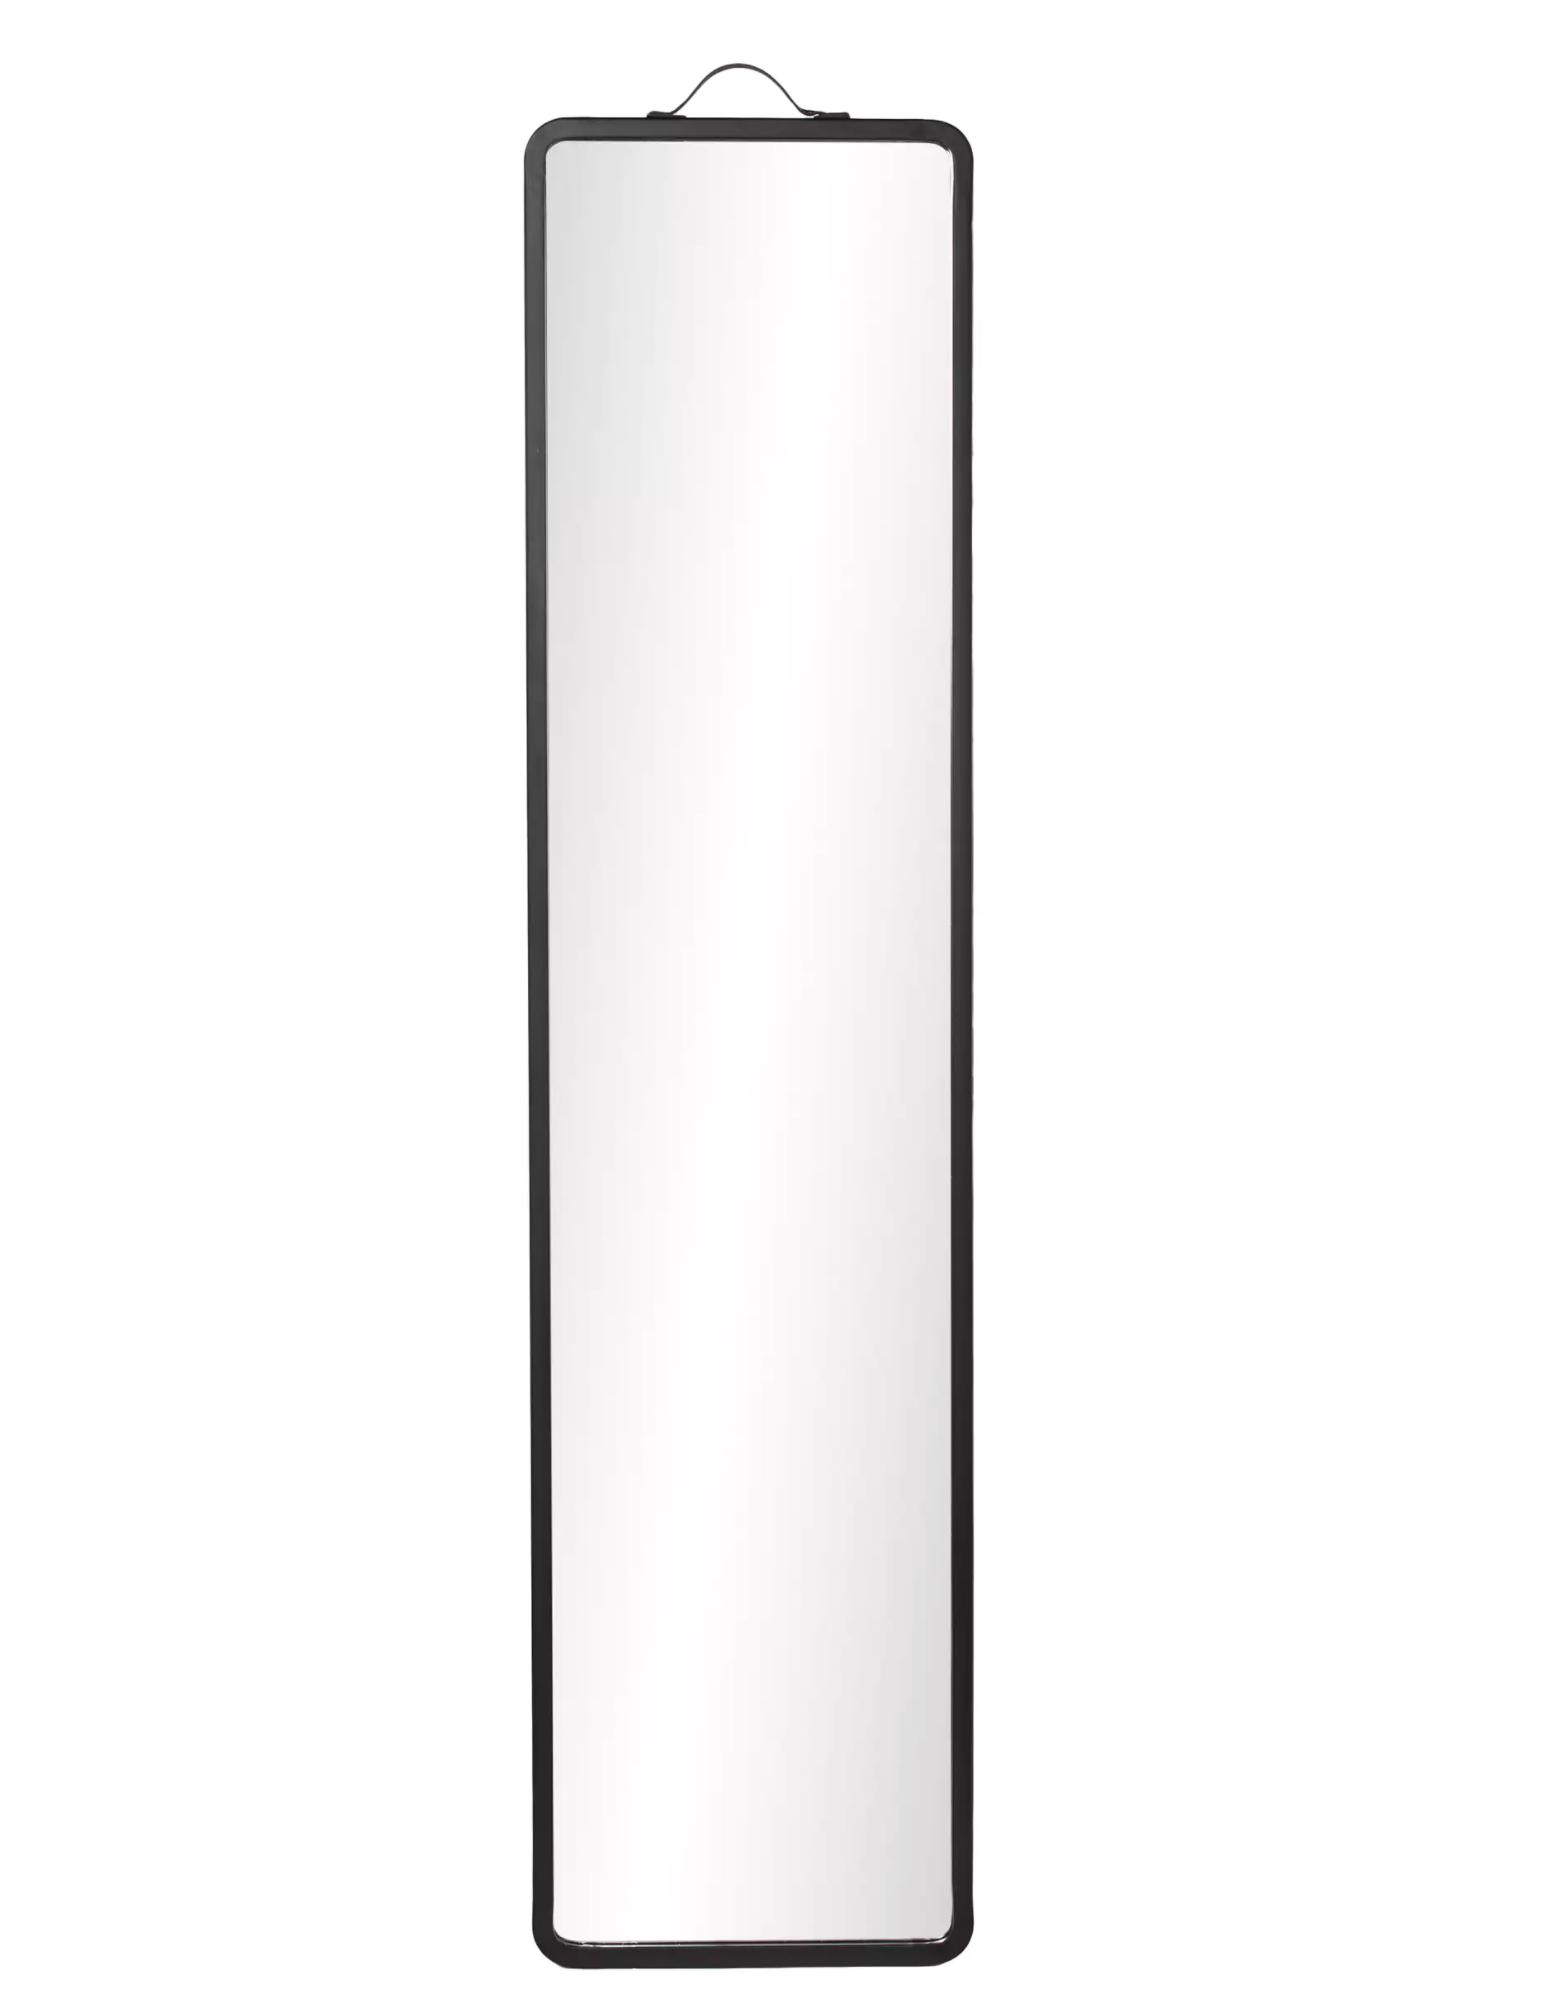 Overstock Floor Mirror Holly & Martin Lawson Floor Leaning Full-Length Mirror